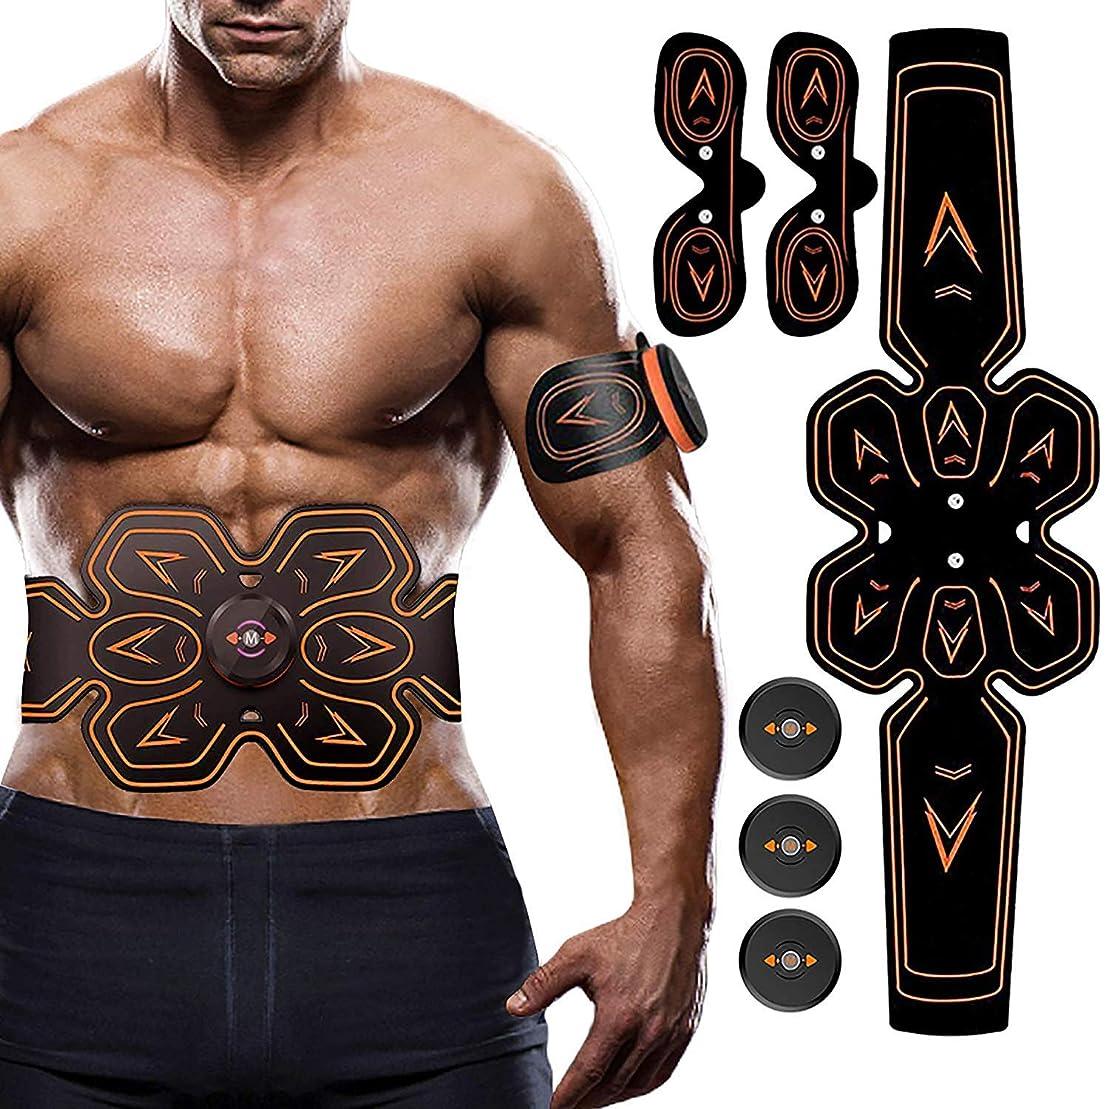 ストローなかなか成功する電気腹部筋肉刺激装置、ABSウエストトレーナーフィットネス減量体重減少マッサージャー用男性と女性の脂肪燃焼